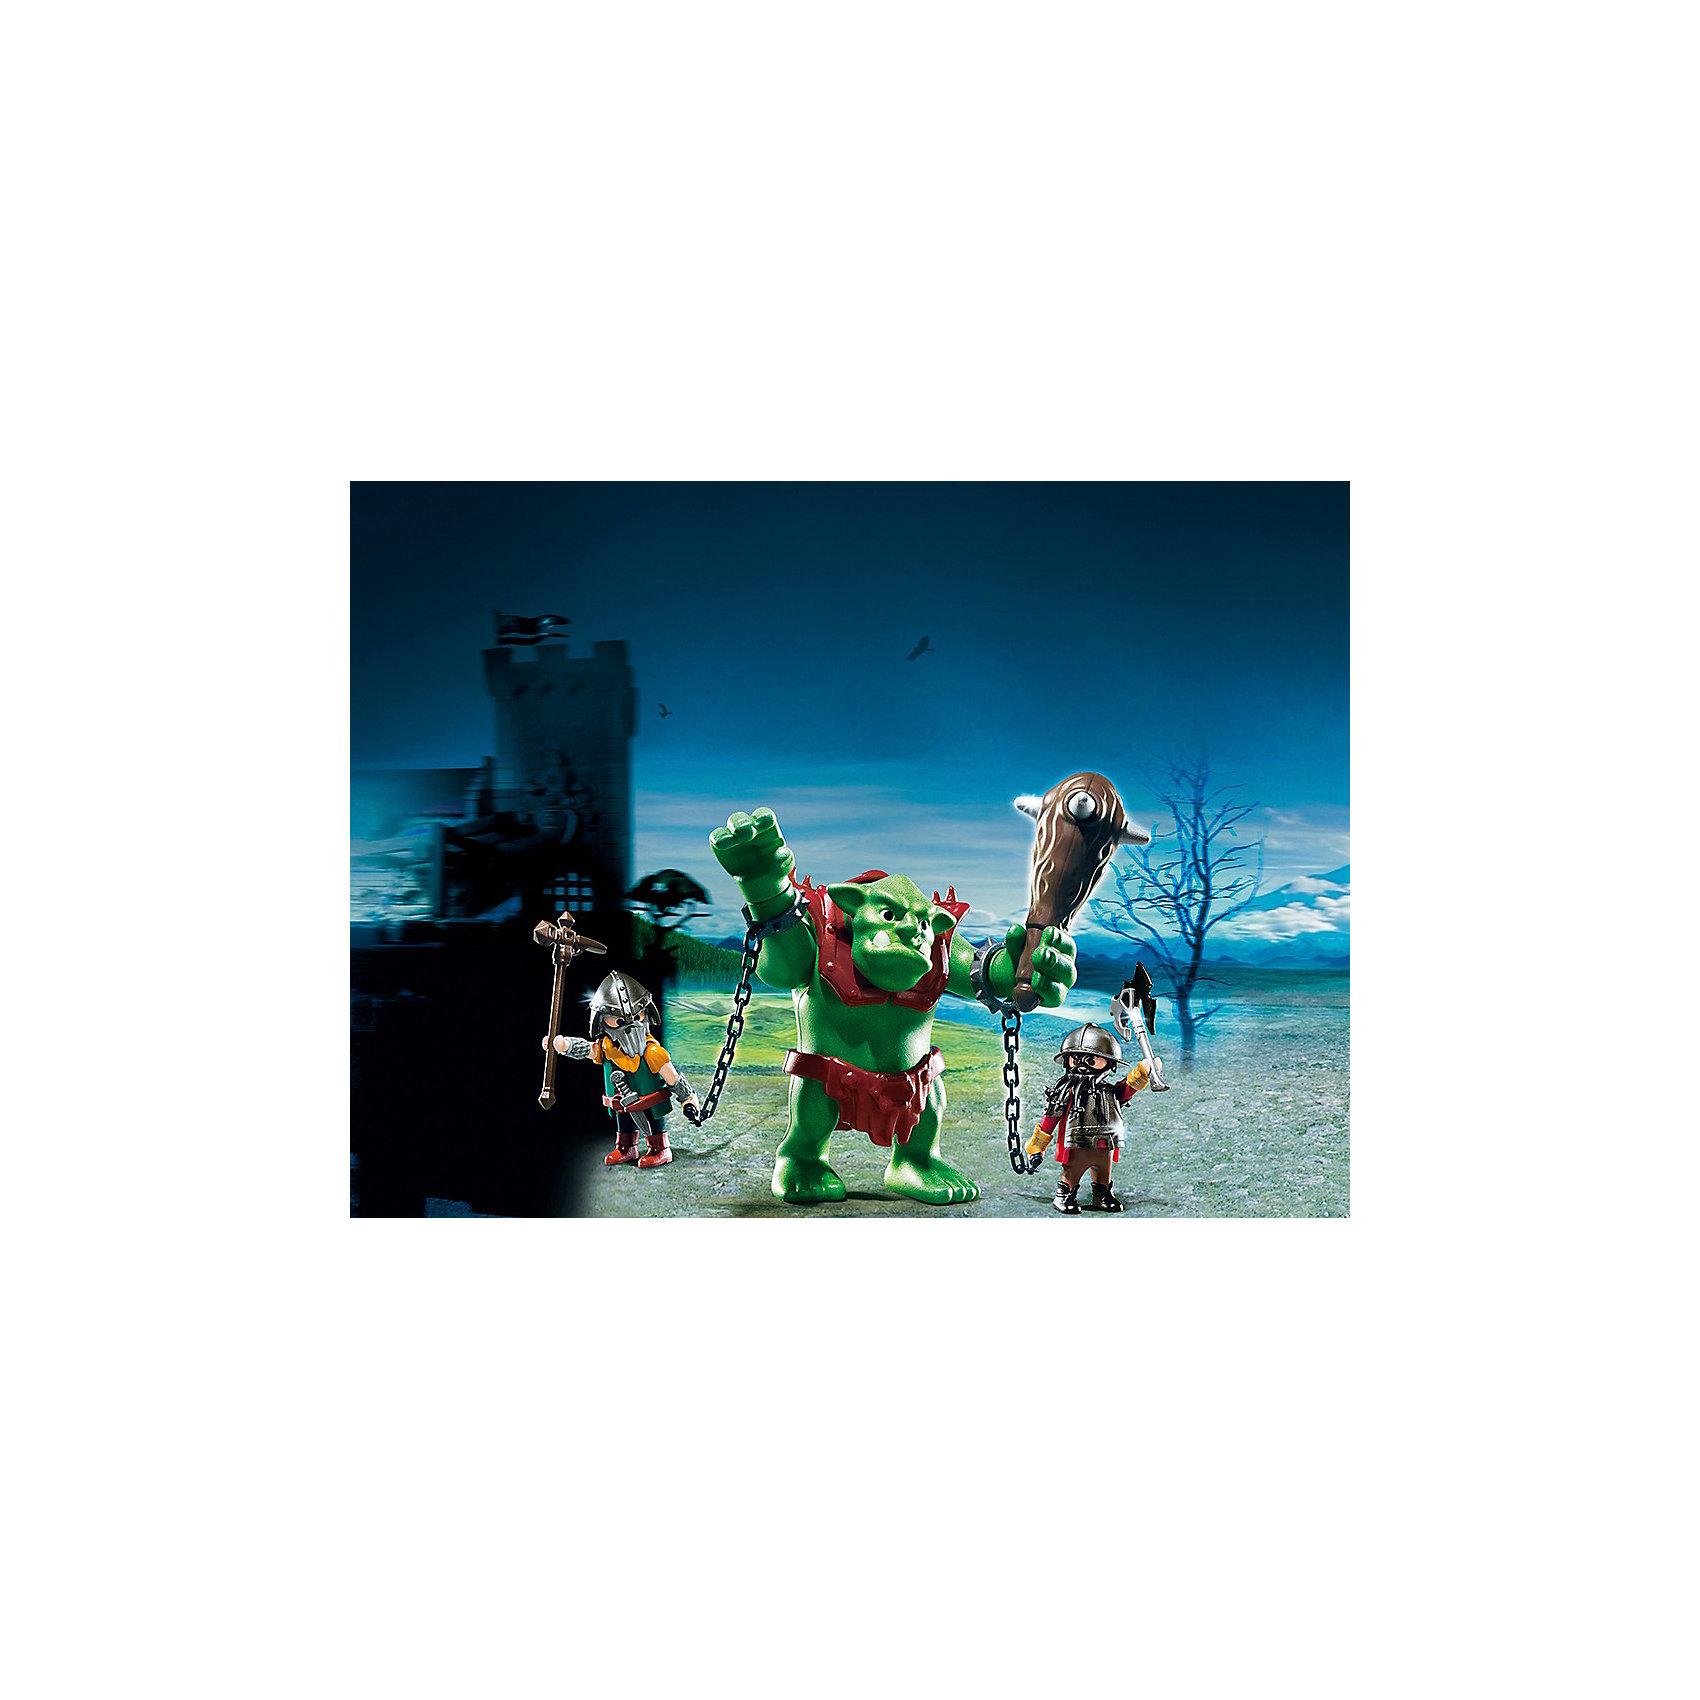 PLAYMOBIL® PLAYMOBIL 6004 Рыцари: Гигантский тролль и боевые гномы playmobil® в поисках приключений семья рысей с кинооператором playmobil